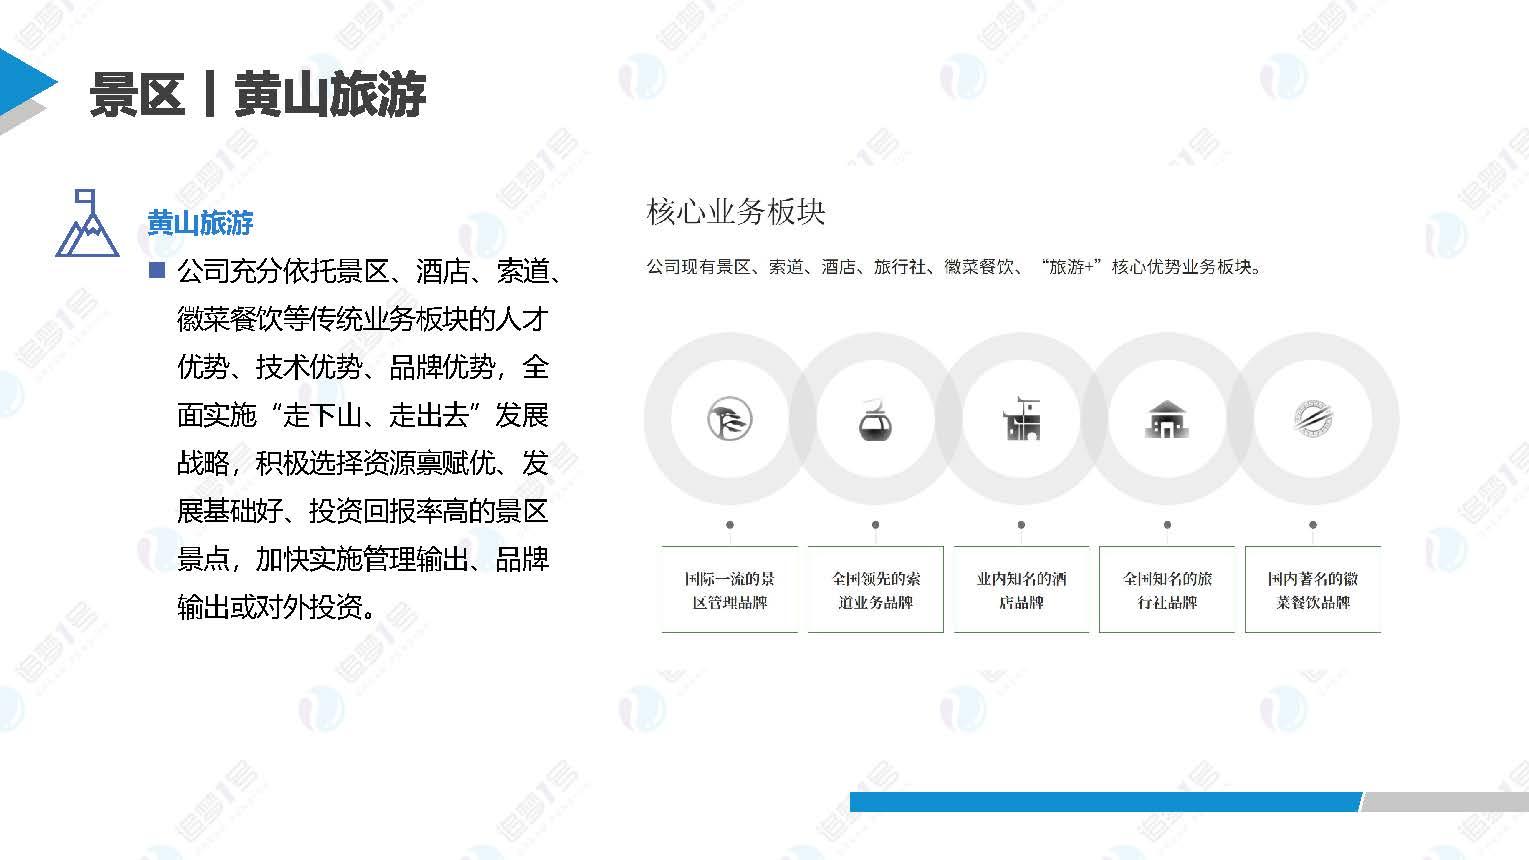 中国旅游行业研究 _页面_27.jpg